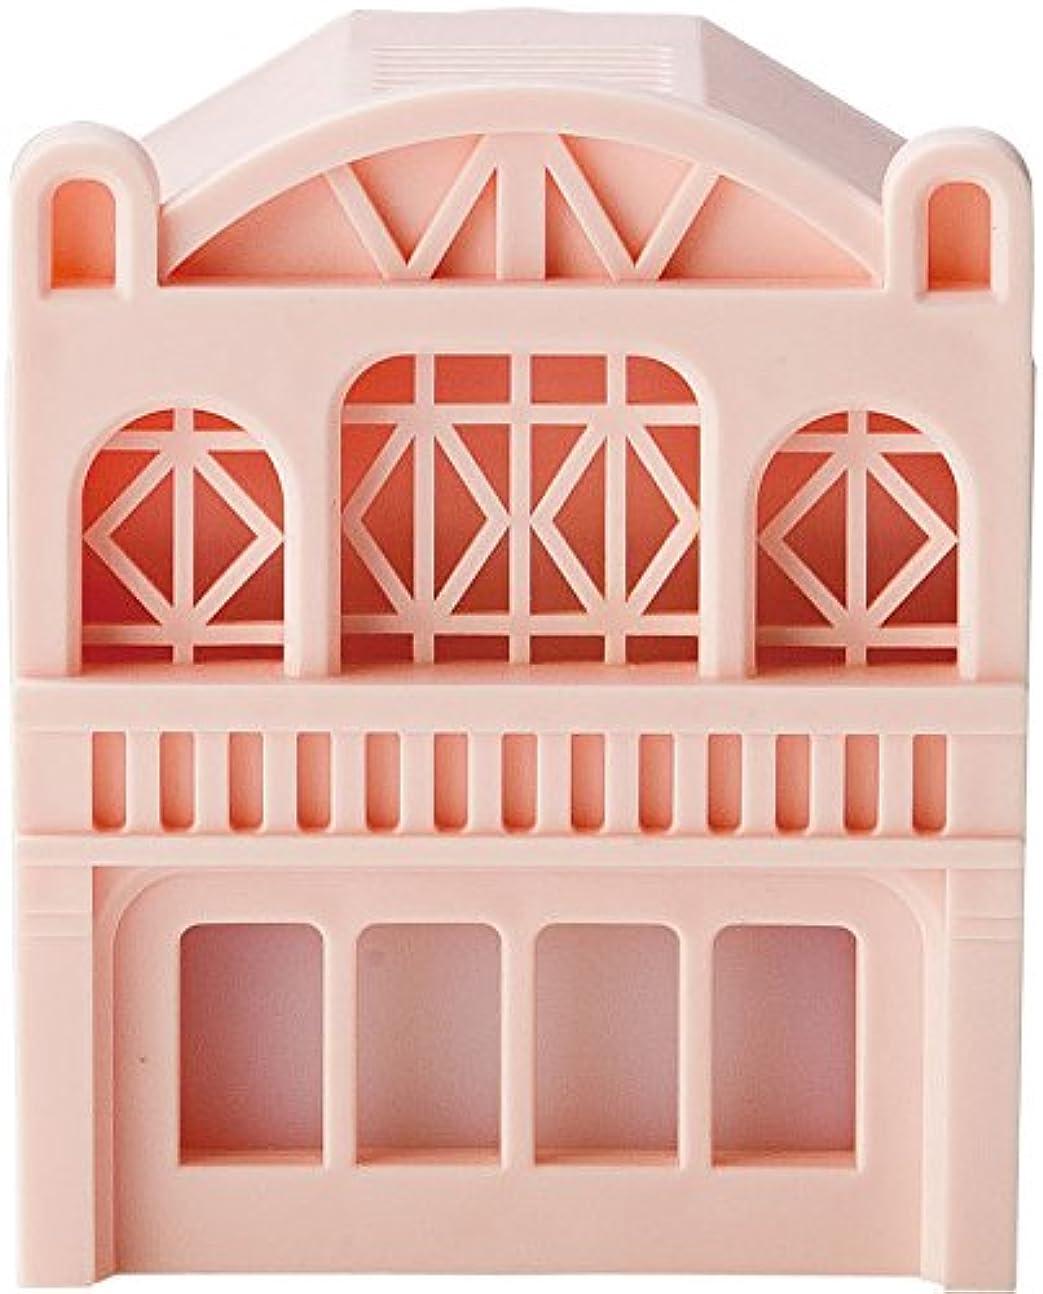 苦悩悲劇的なトレースラドンナ CUTENSIL AROMA HOUSE FAN (アロマハウスファン) CU01-AHF ピンク